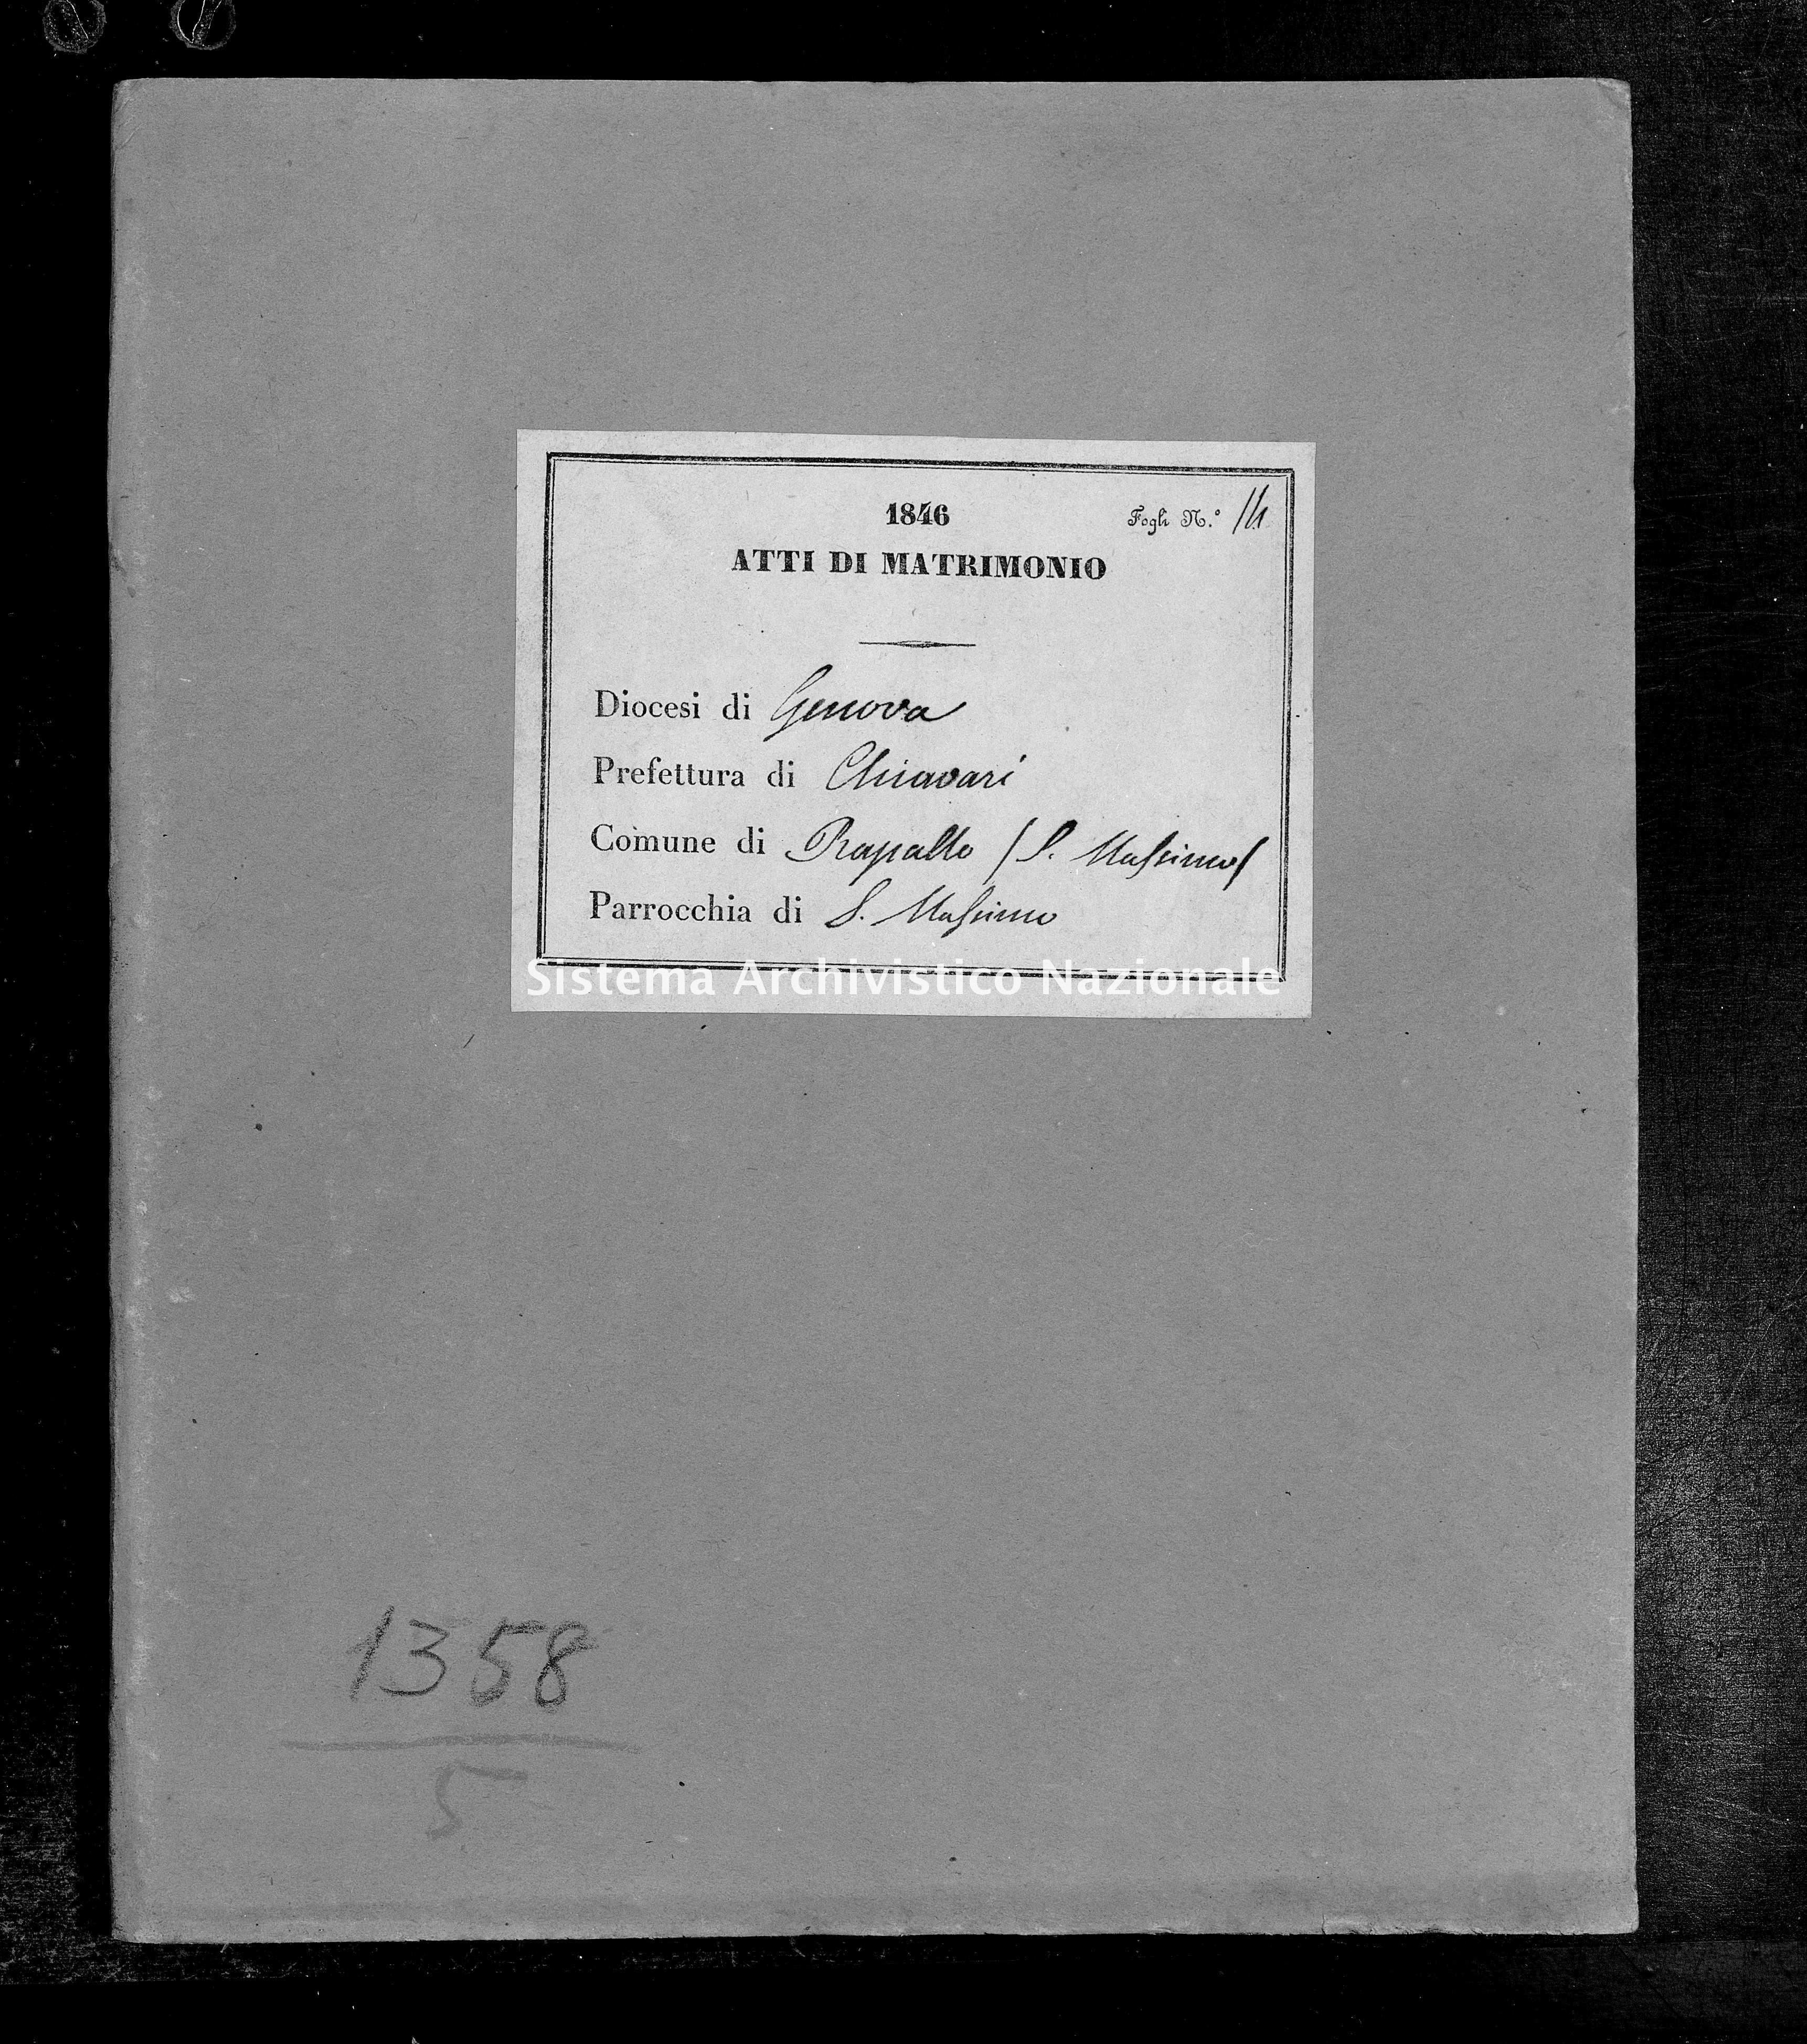 Archivio di stato di Genova - Stato civile della restaurazione - San Massimo - Matrimoni - 1846 - 81-82 -